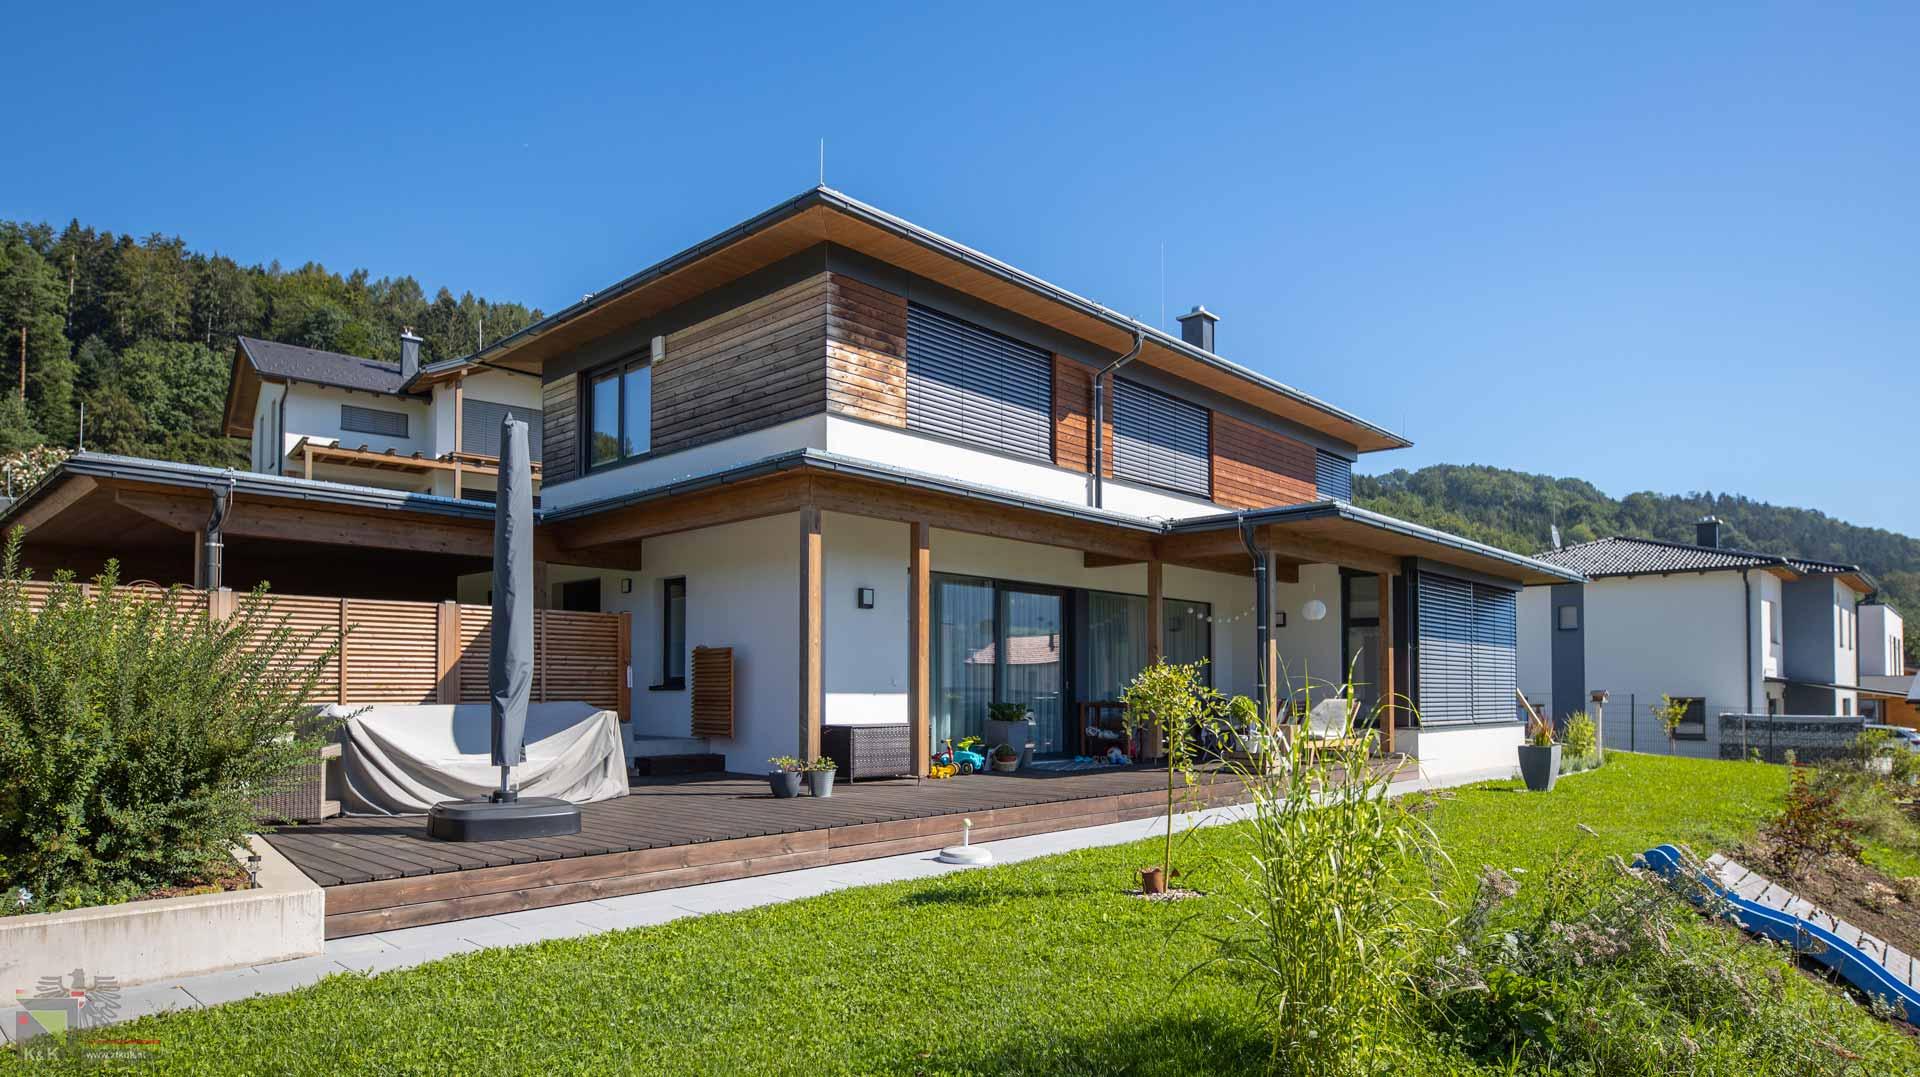 Einfamilienhaus im Grünen